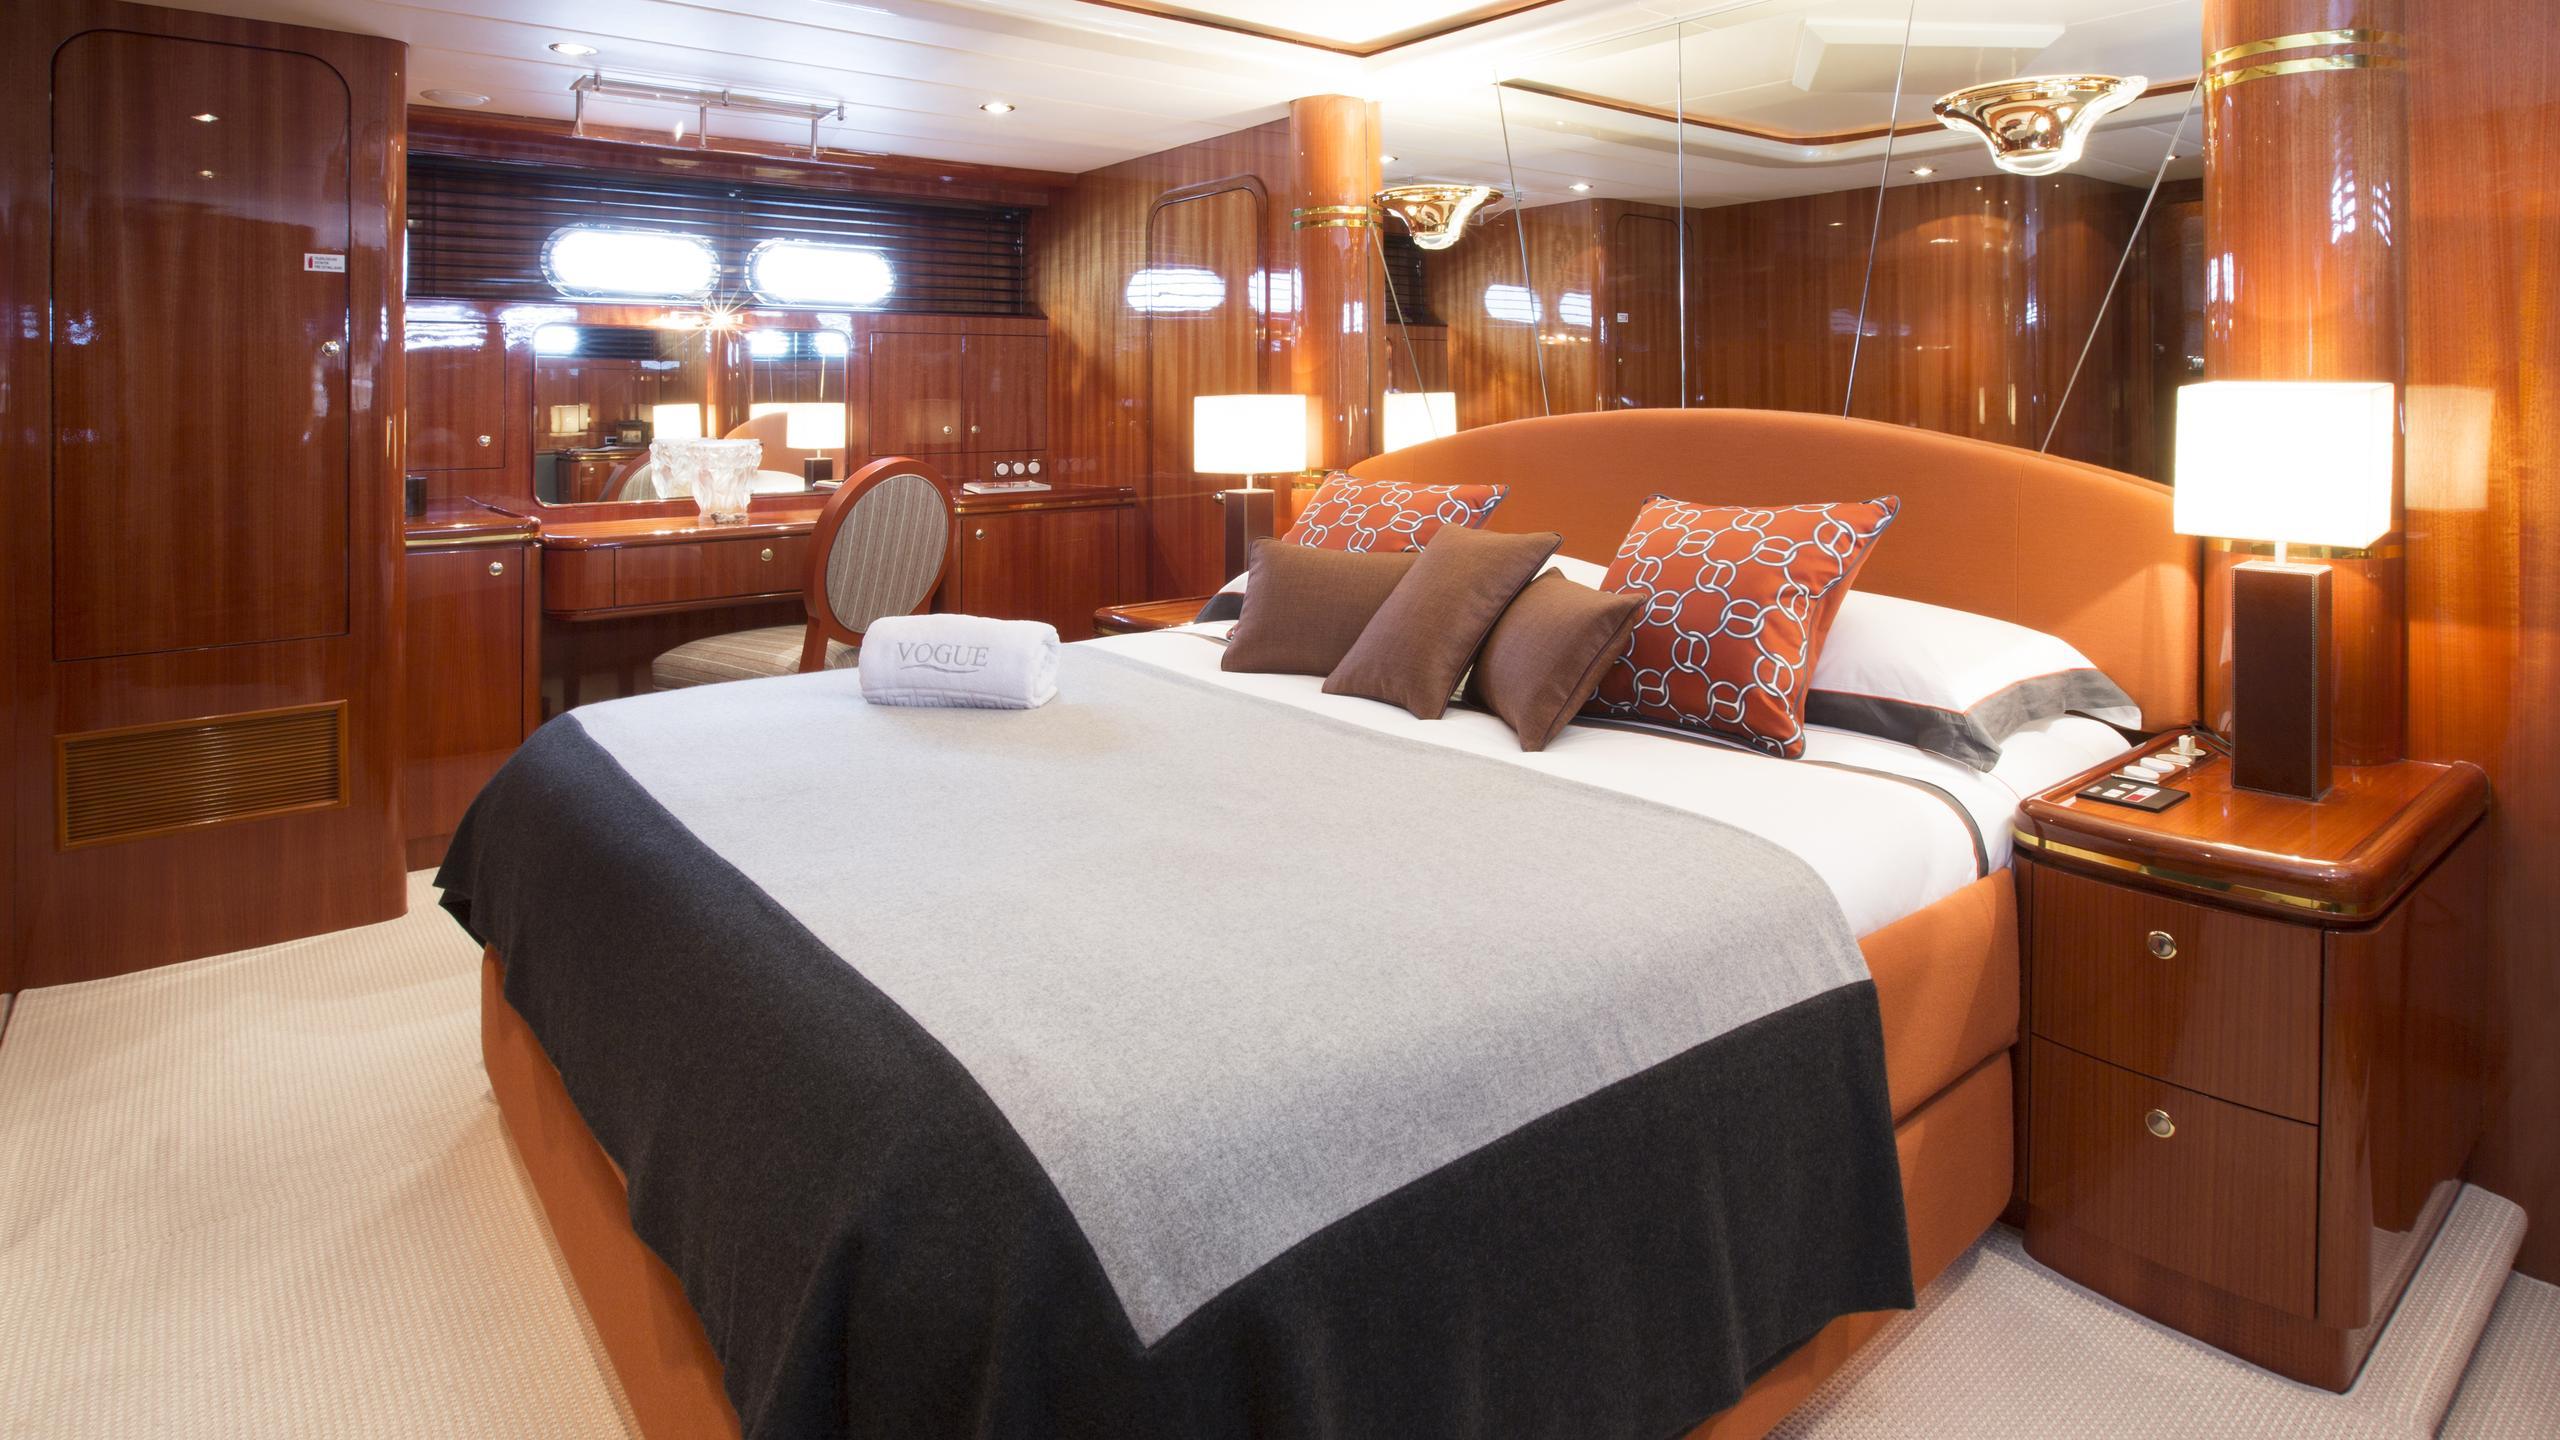 vogue-yacht-master-cabin